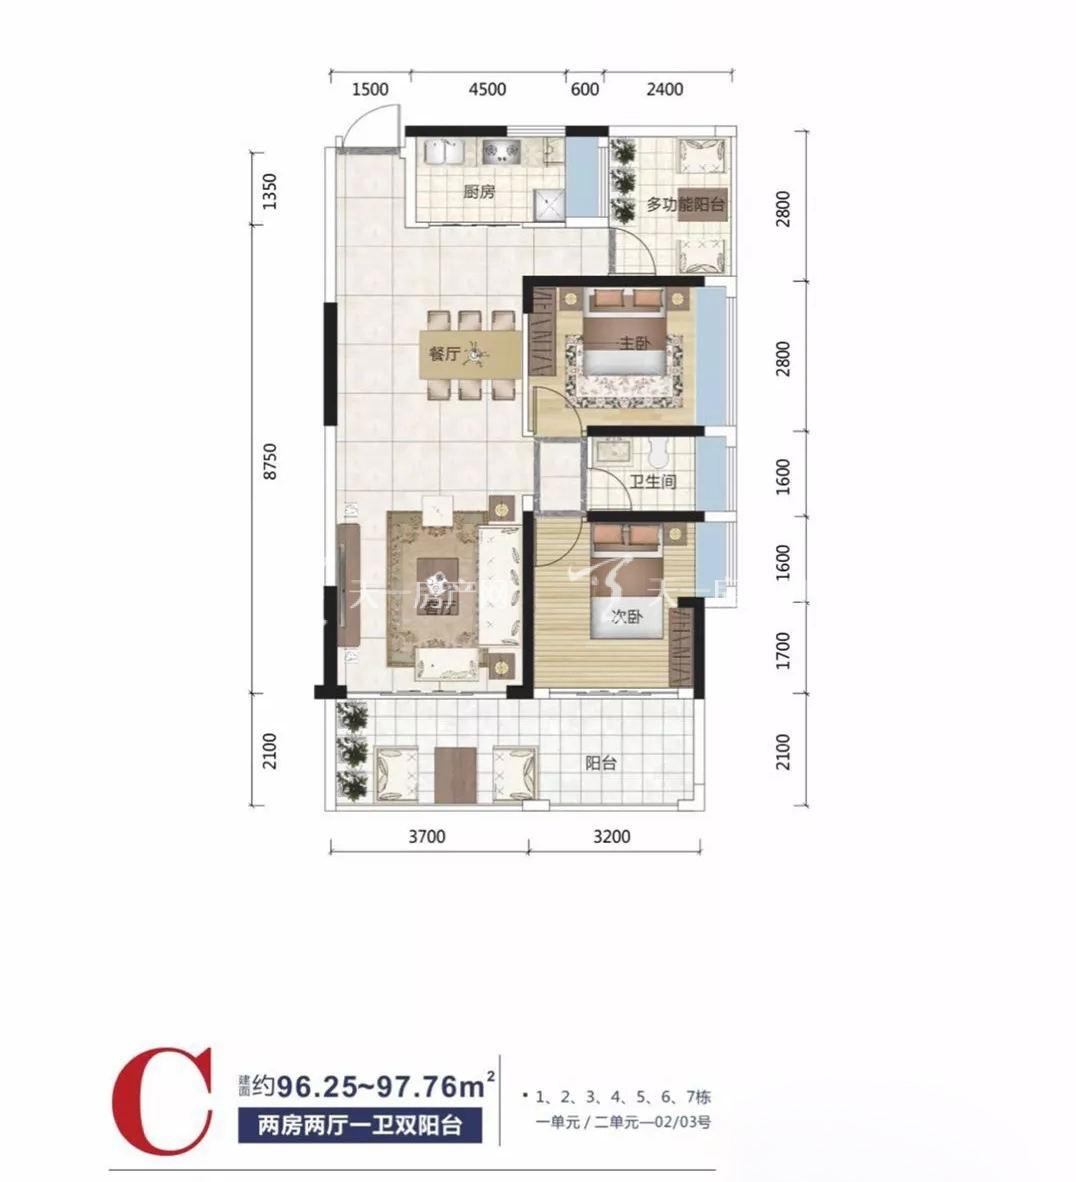 卓洲悦园C户型2房2厅1卫2阳台